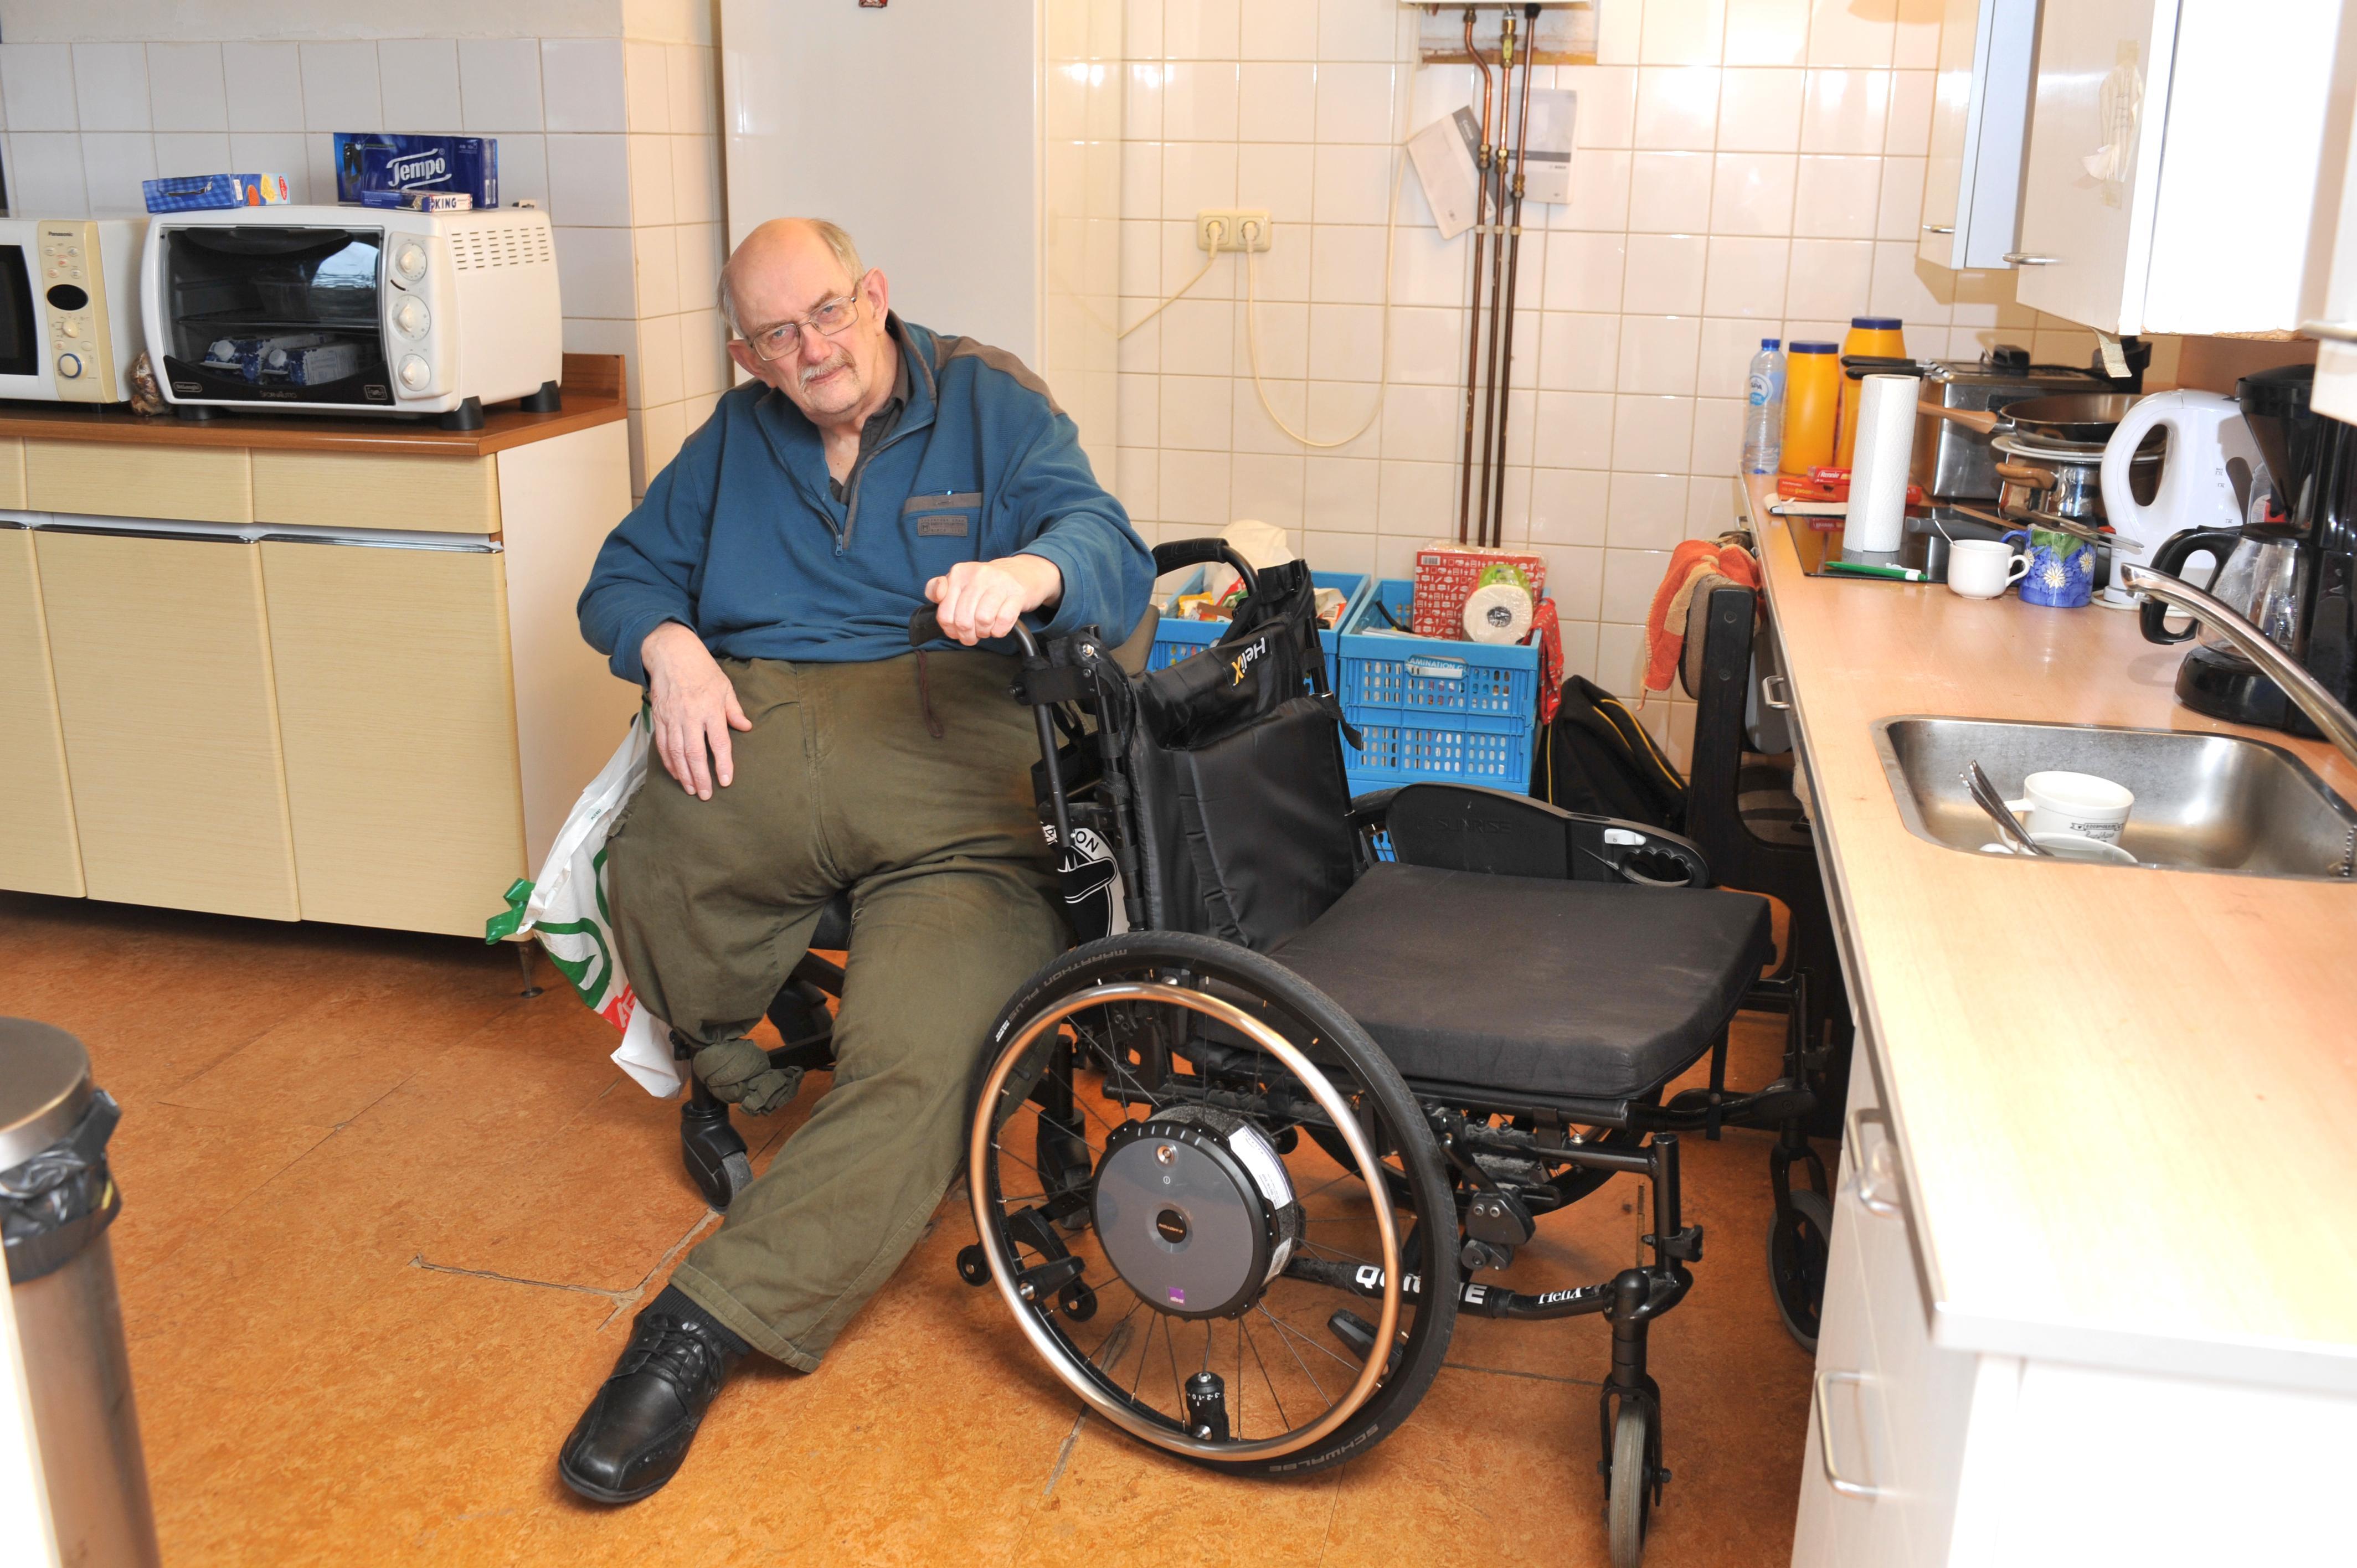 Invalide Wijk aan Zeeër Frank wacht met smart op speciale elektrische rolstoelwielen: 60-plusser kan door vertraagde levering 'al maanden de deur niet meer uit'